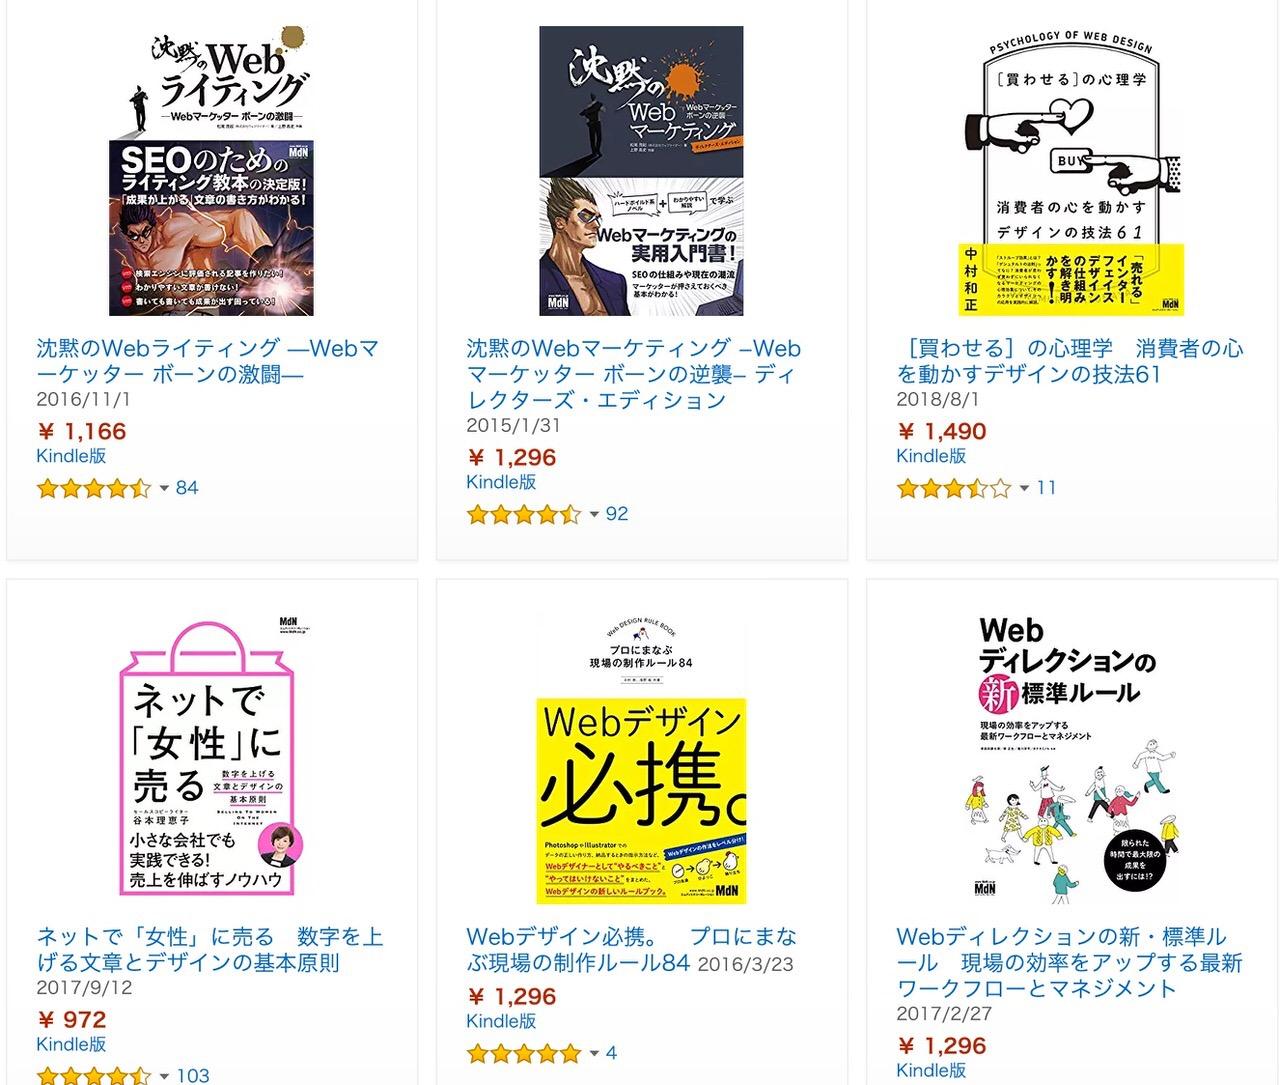 【Kindleセール】40%OFF「Webデザイン書・Web技法書 年末セール」(12/31まで)